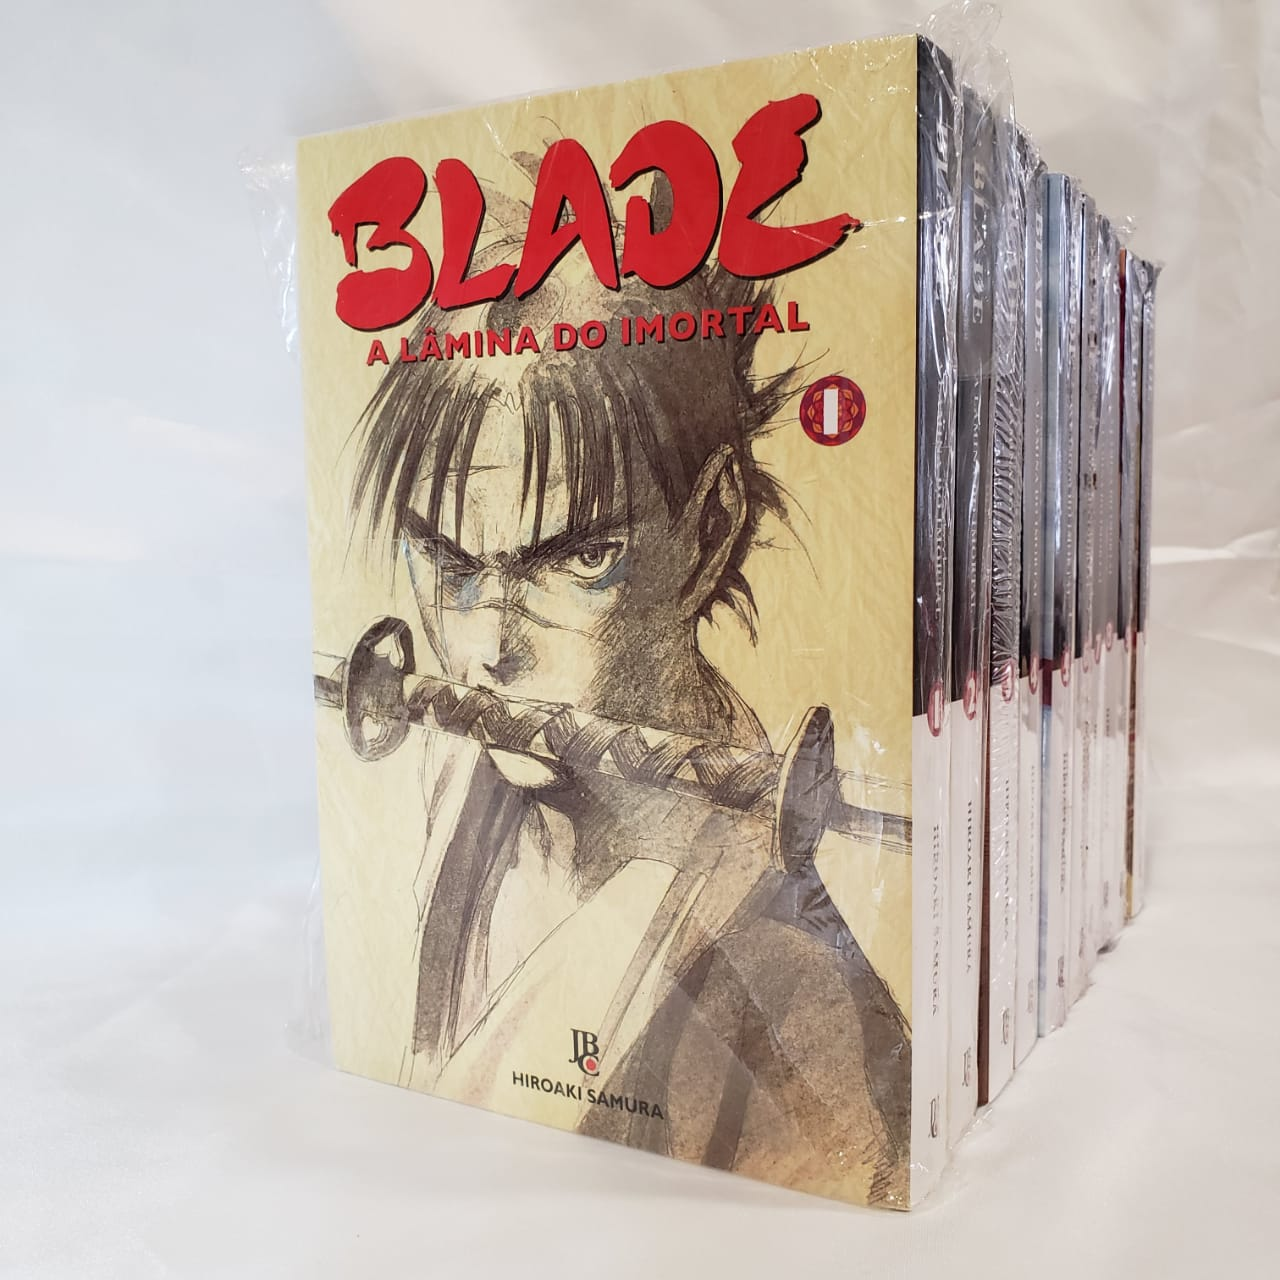 Blade A Lâmina do Imortal - 1 ao 10 - Pack